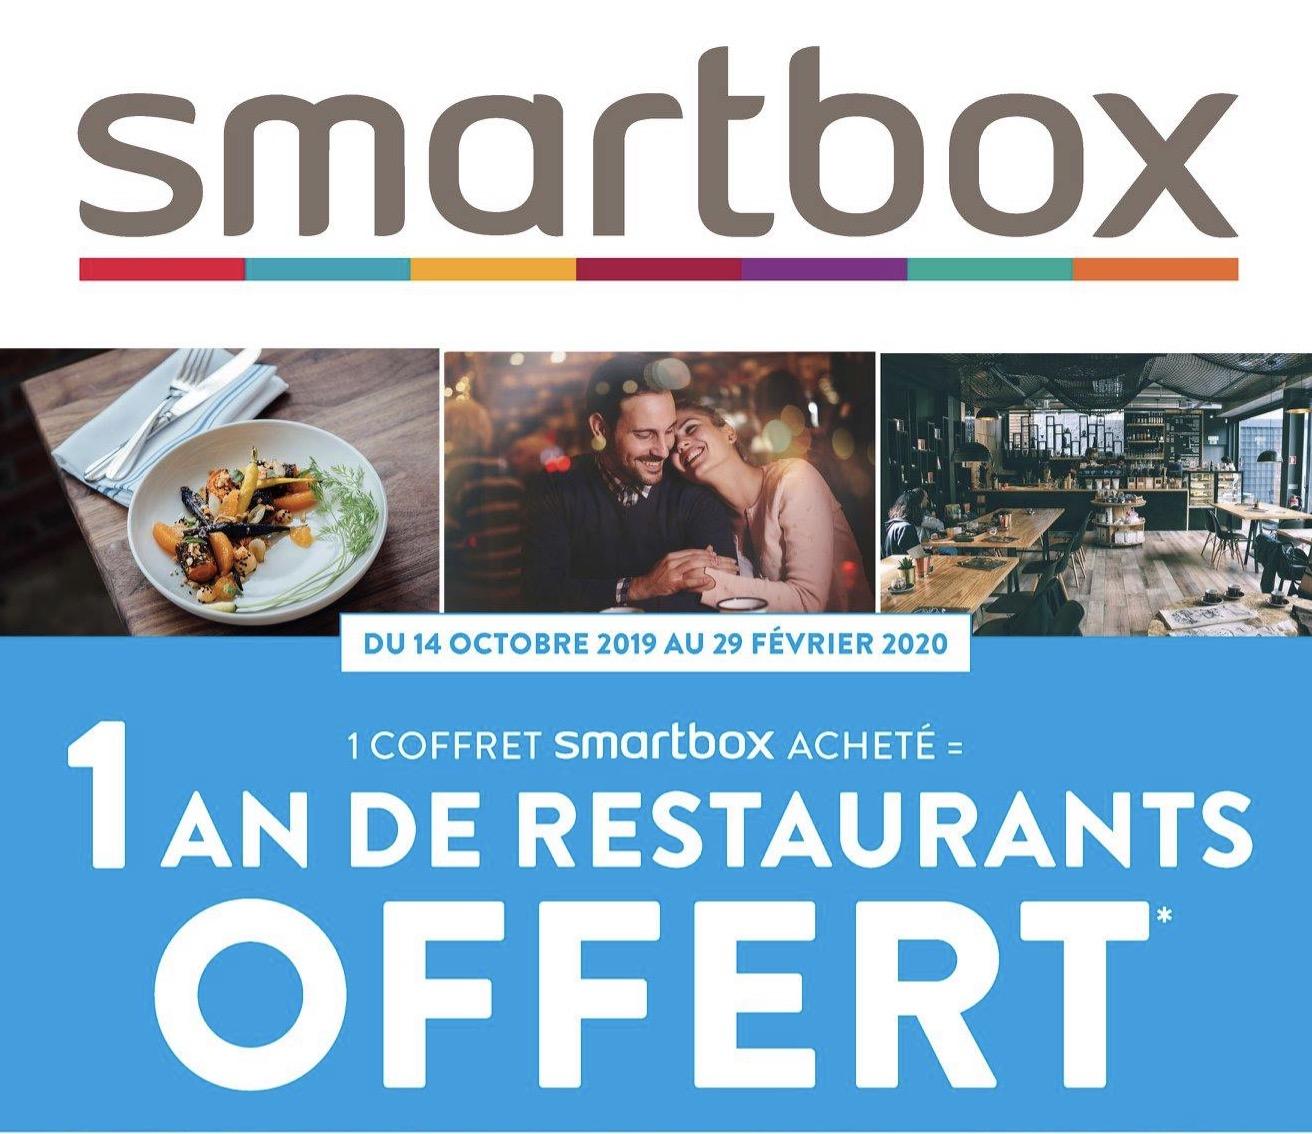 Code promo Fnac : 1 an de restaurant offert dans plus de 3500 restaurants pour l'achat d'un coffret cadeaux Smartbox